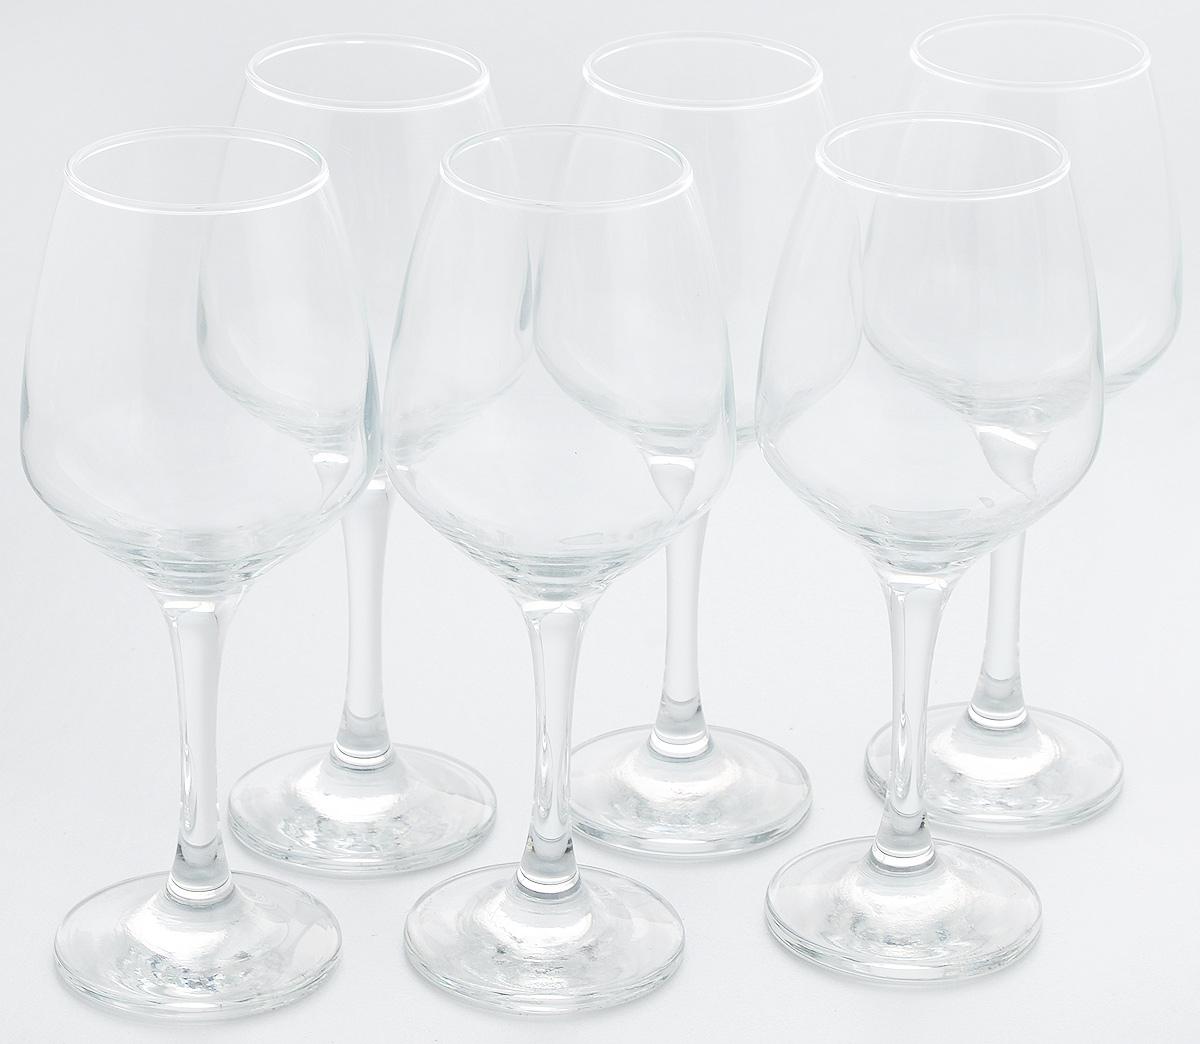 Набор бокалов для вина Pasabahce Isabella, 350 мл, 6 штVT-1520(SR)Набор Pasabahce Isabella состоит из 6 бокалов, выполненных из прочного натрий-кальций-силикатного стекла. Изделия оснащены высокими ножками и предназначены для подачи вина. Они сочетают в себе элегантный дизайн и функциональность. Набор бокалов Pasabahce Isabella прекрасно оформит праздничный стол и создаст приятную атмосферу за романтическим ужином. Такой набор также станет хорошим подарком к любому случаю.